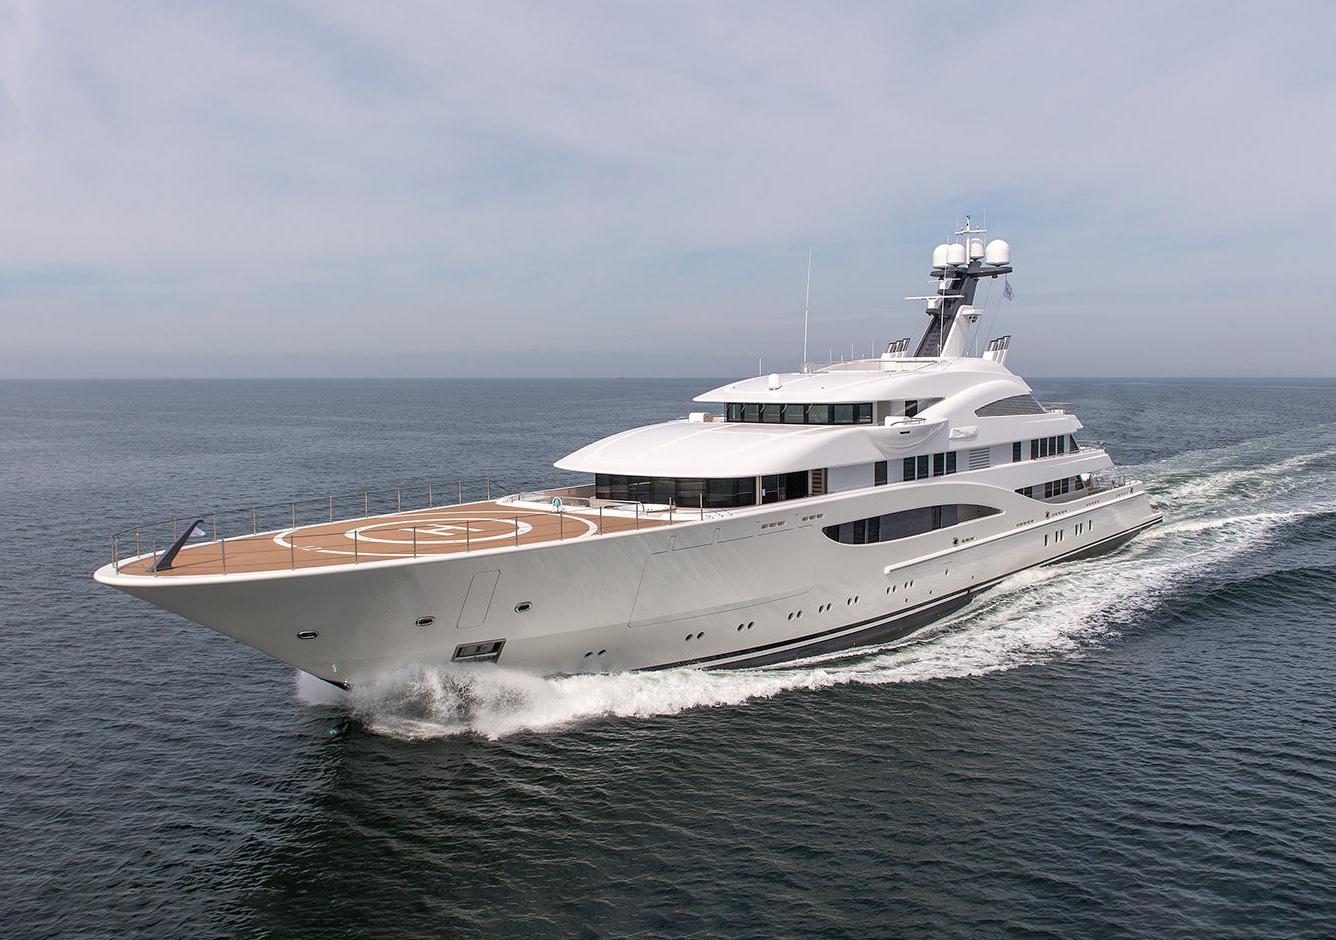 Ohdi5aQNmp1qT7JxNnkw_lurssen-superyacht-areti-running-shot-bow-credit-klaus-jordan-1920x1080.jpg